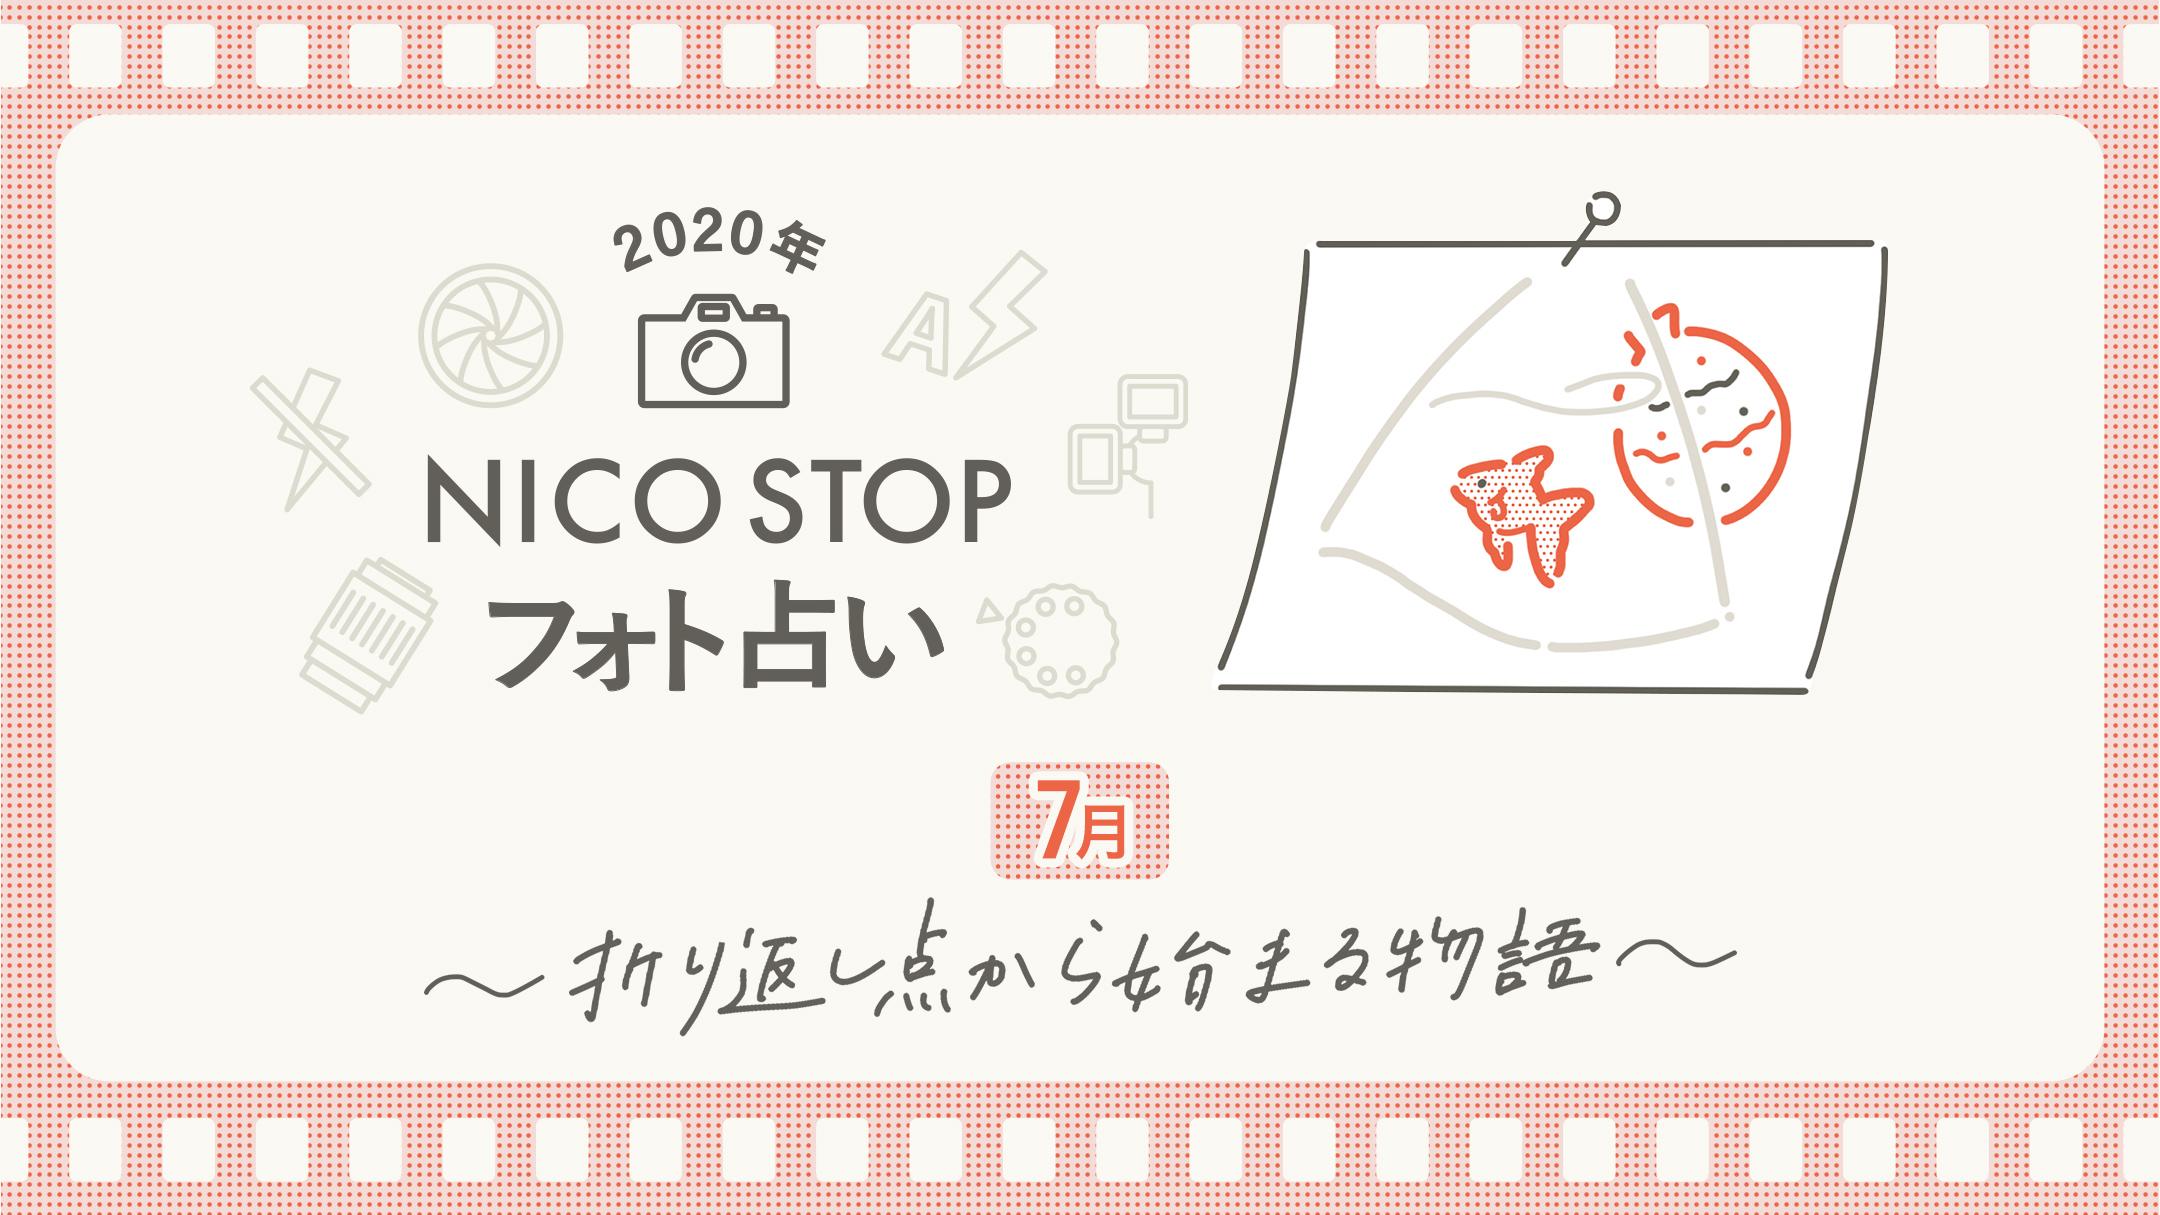 f:id:nicostop:20200707155007j:plain